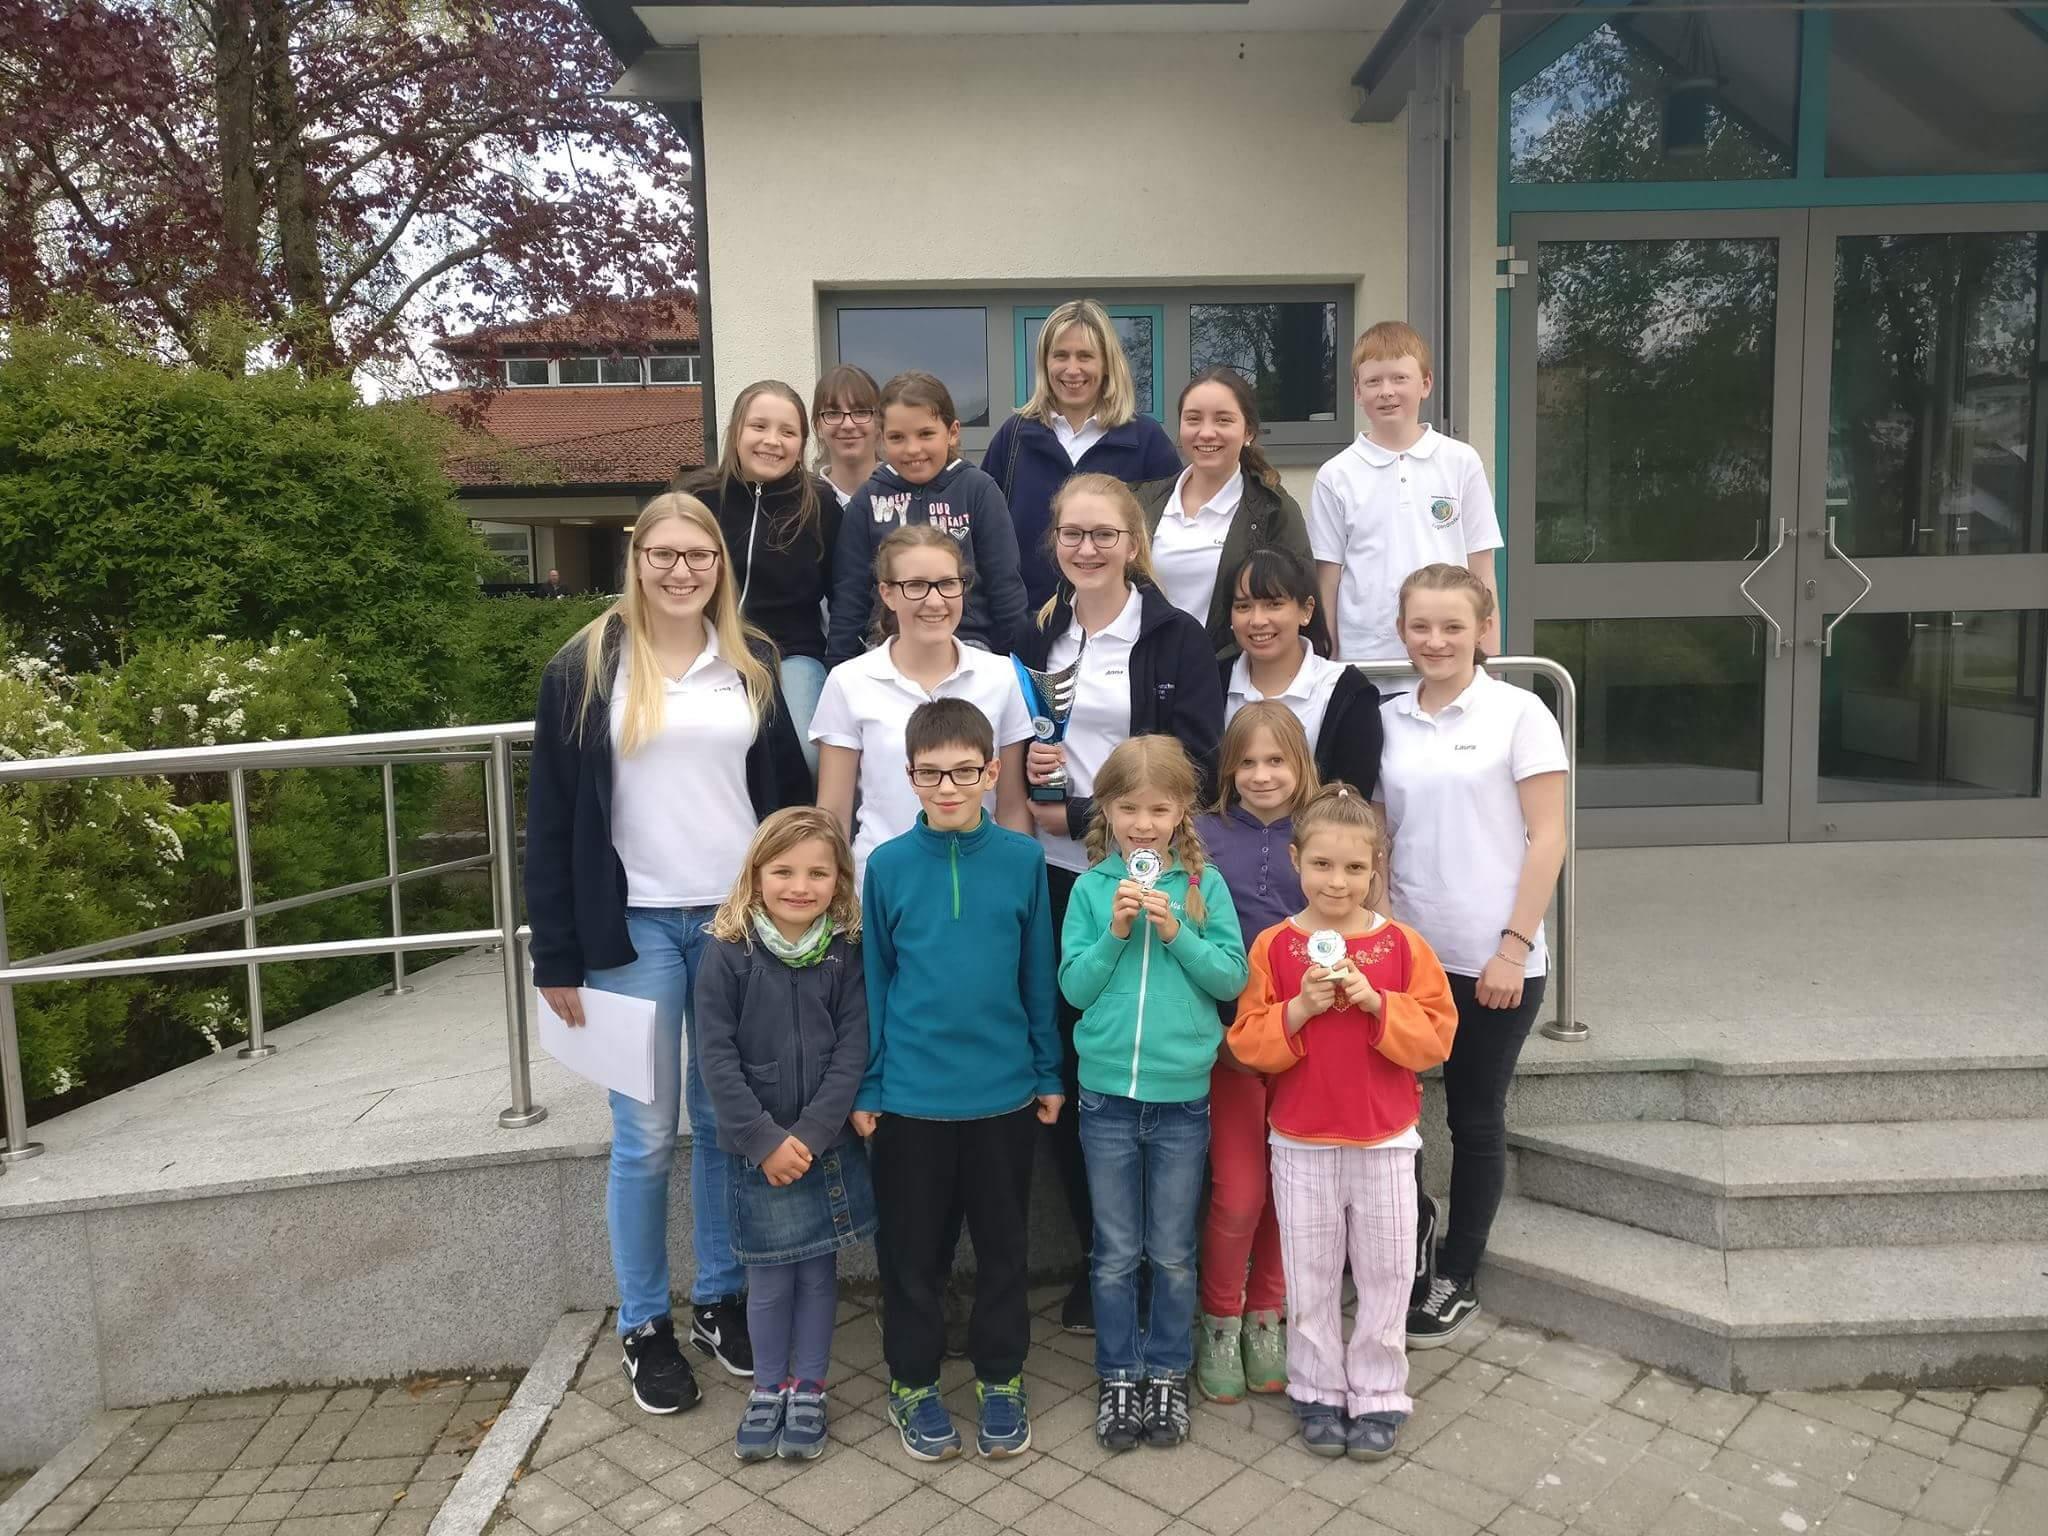 JRK-Kreiswettbewerb in Öpfingen 2017